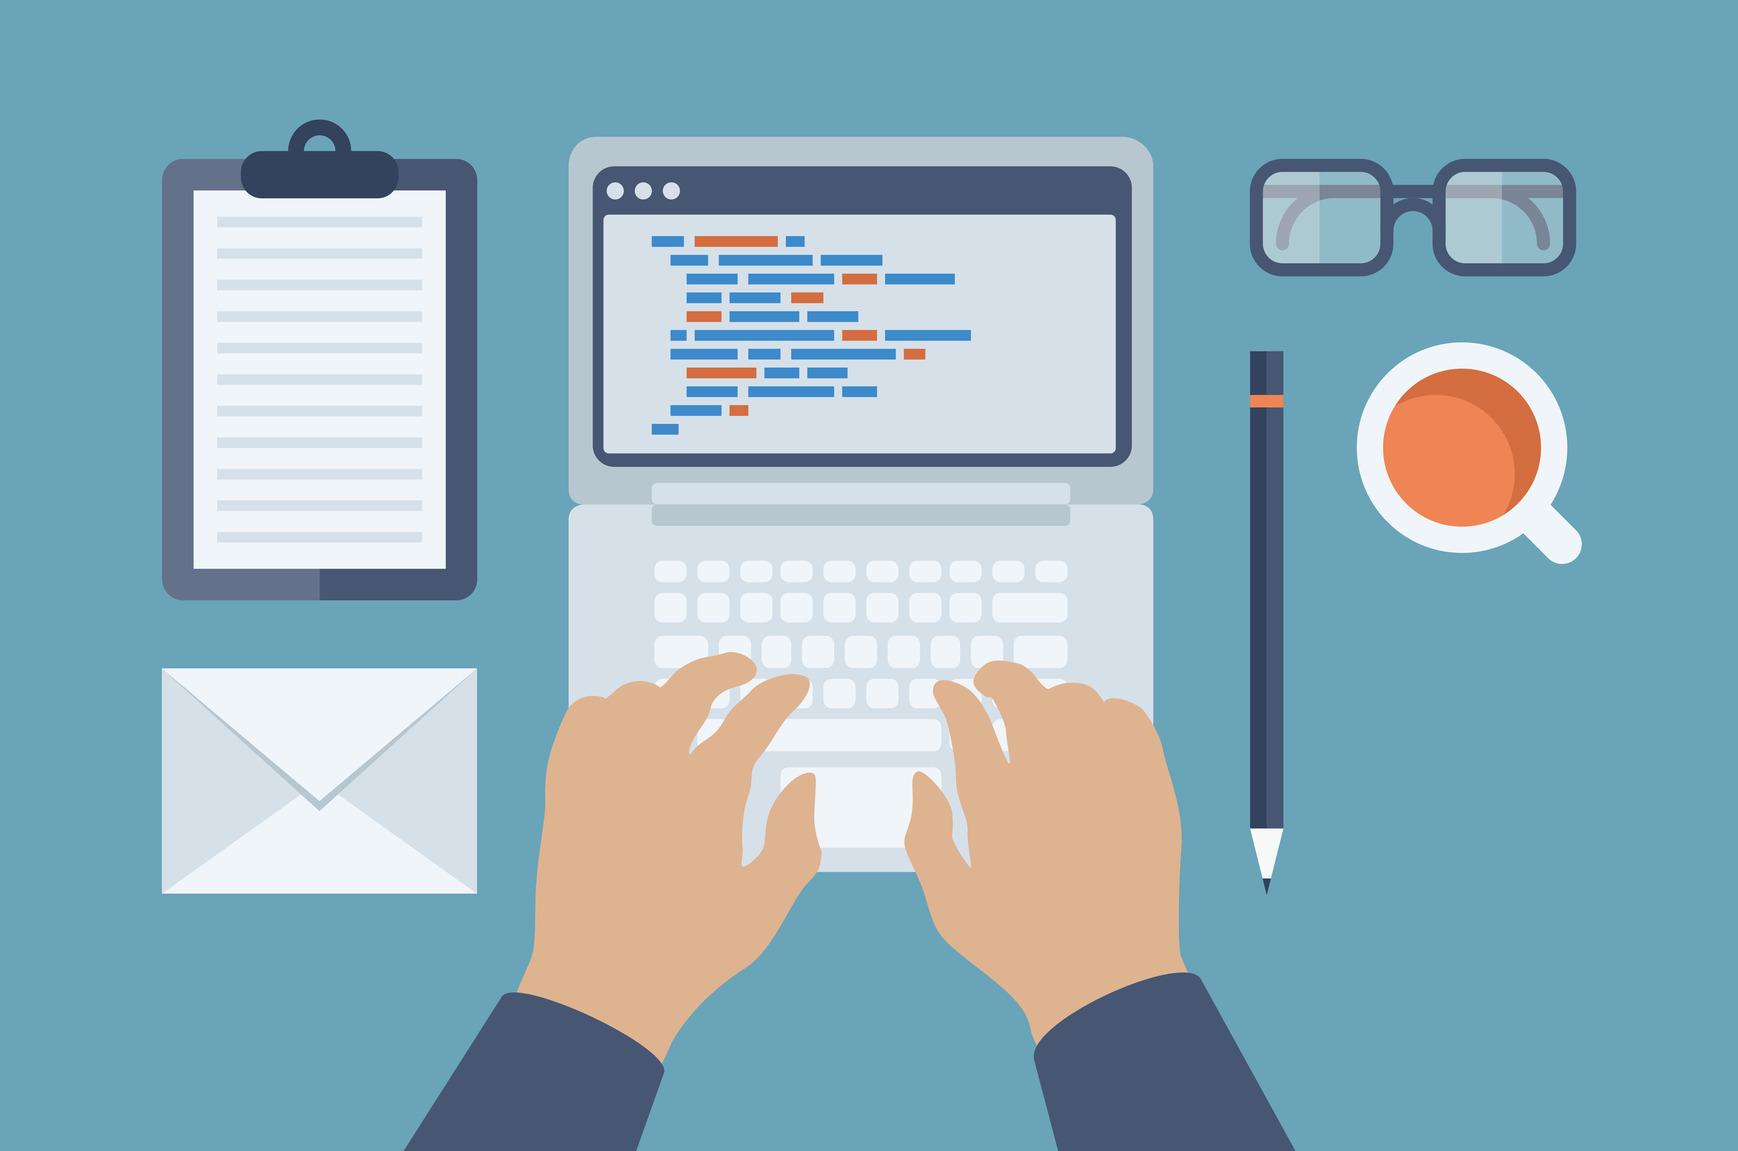 برنامه نویسای خوب چطوری برنامه نویس شدن؟